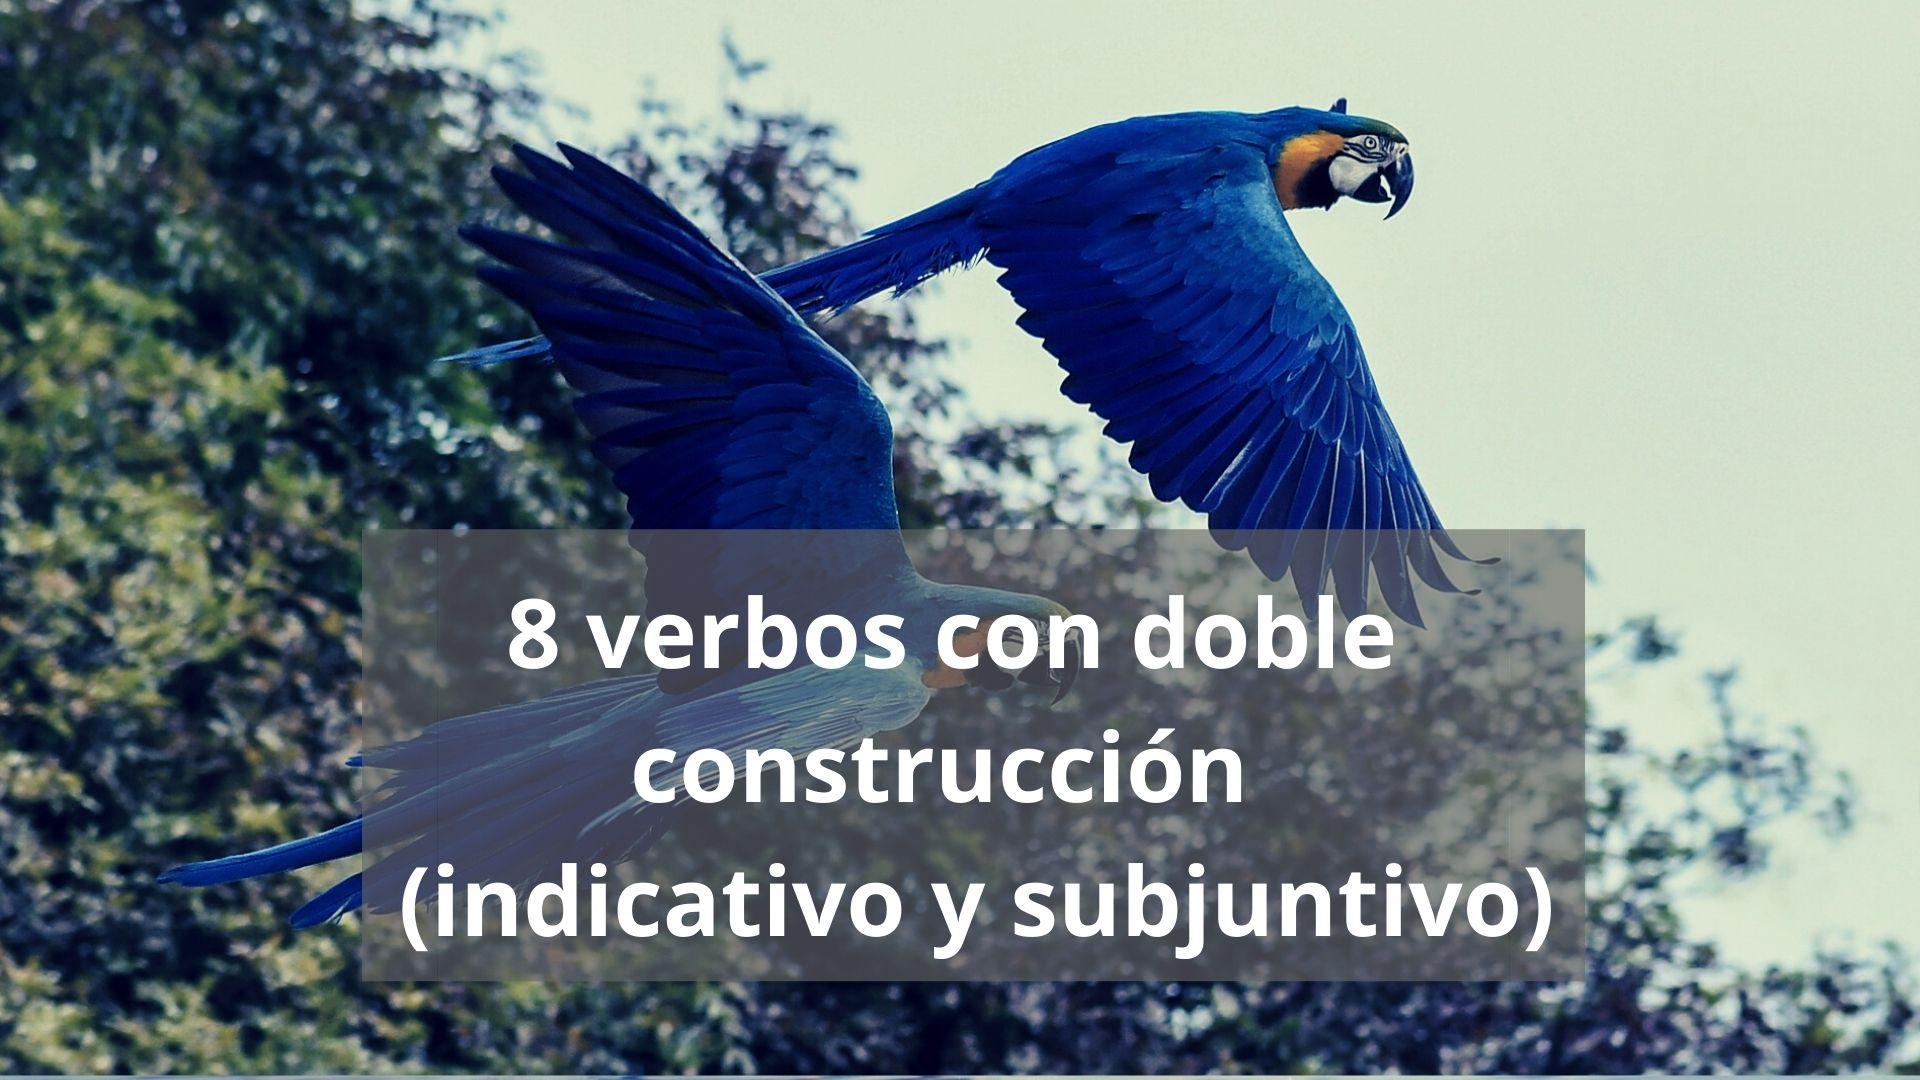 Indicativo vs. subjuntivo con verbos de doble construcción